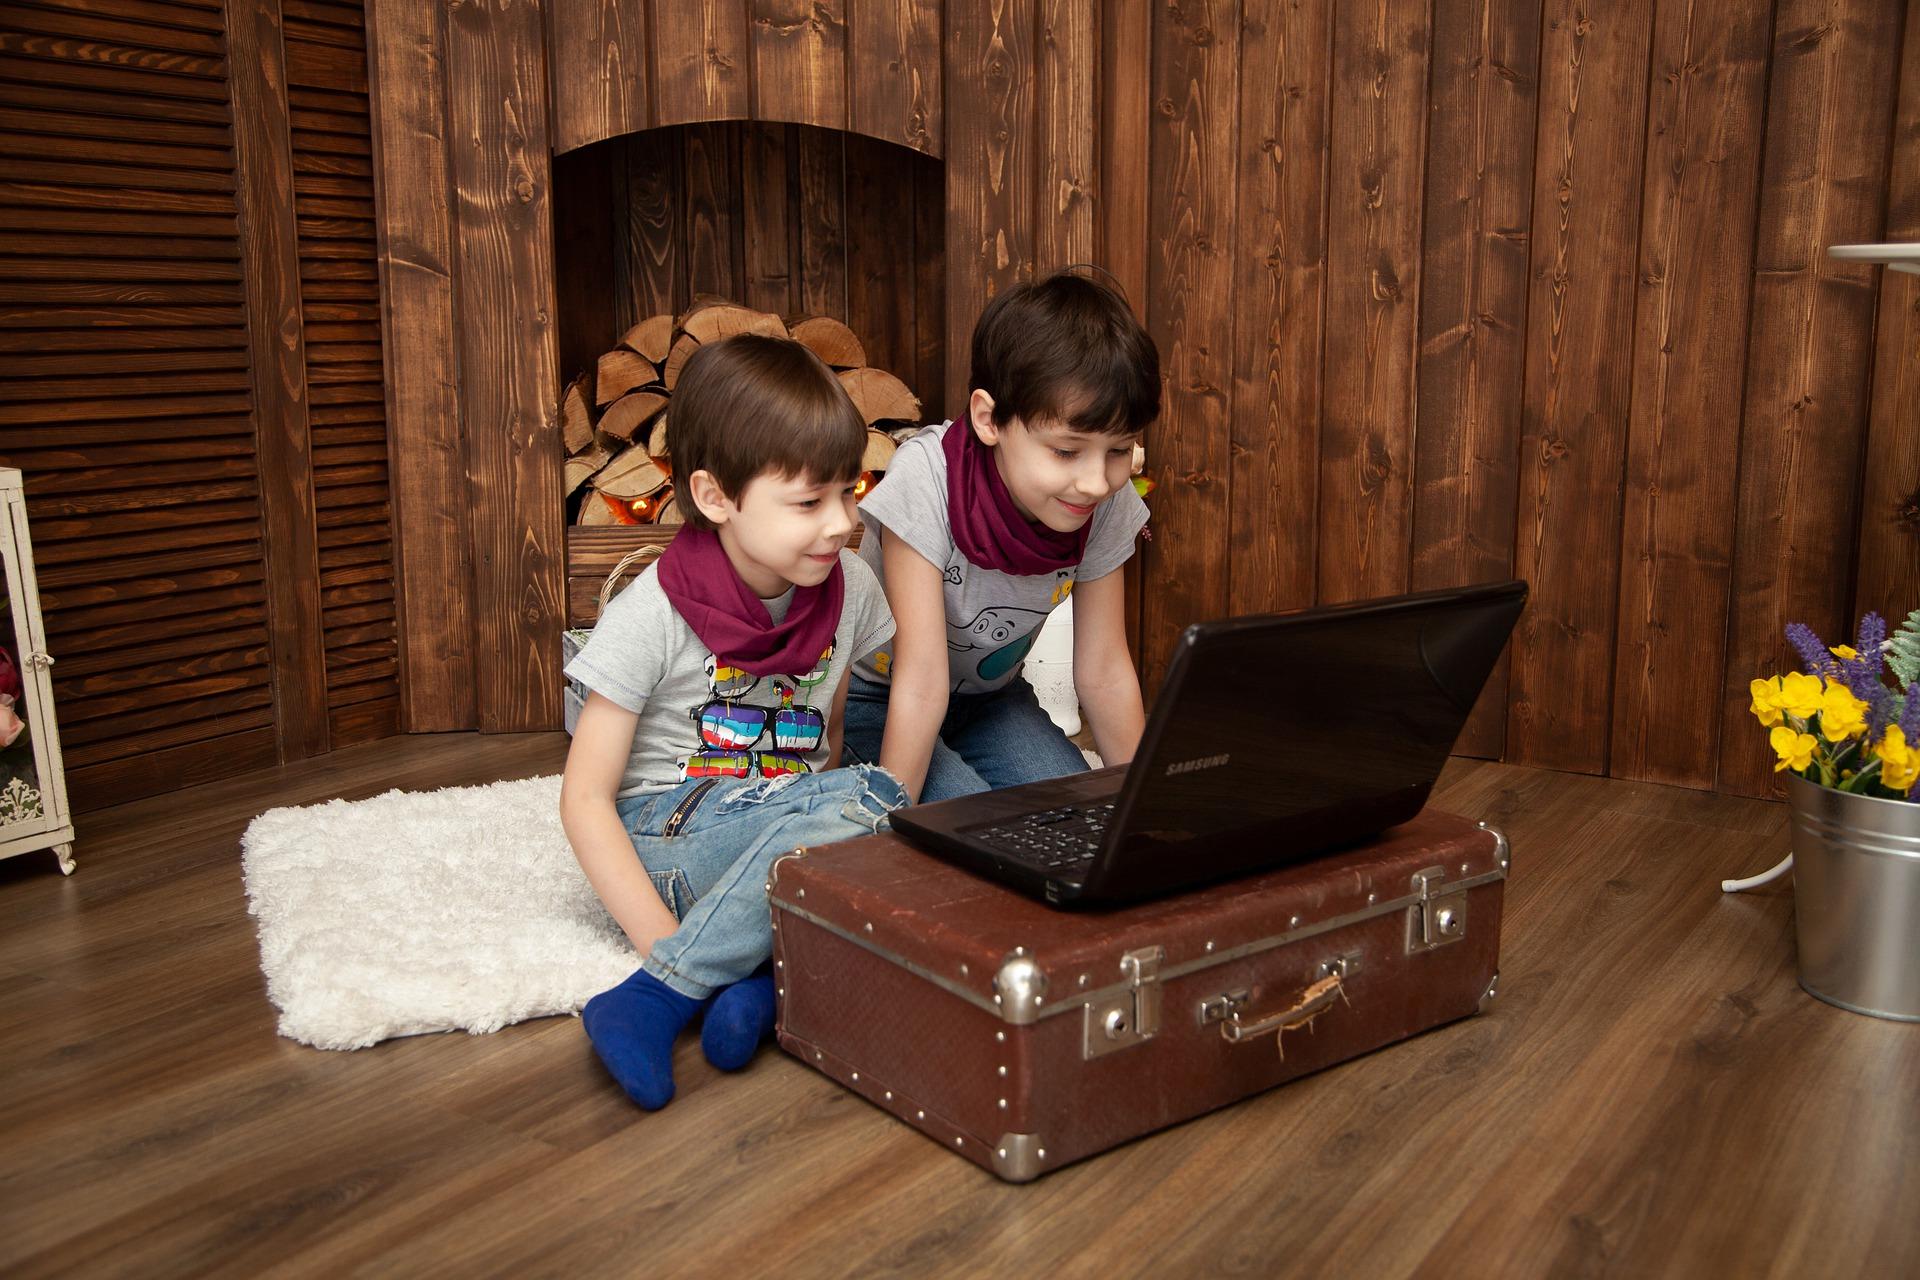 Δήμος Θεσσαλονίκης   Δημιουργική απασχόληση των παιδιών στο σπίτι